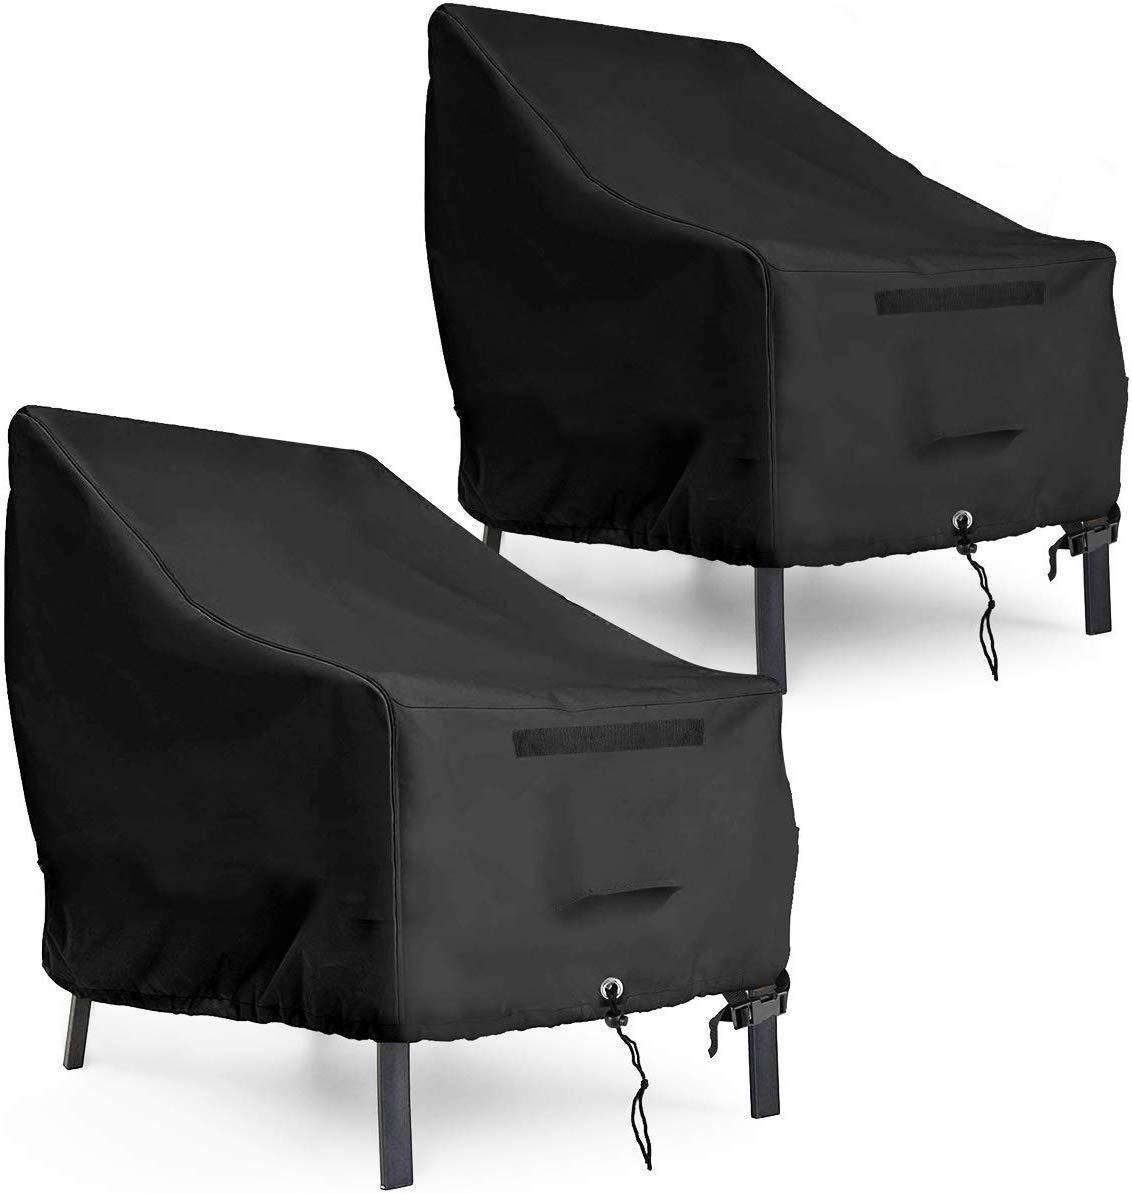 AngLink Coperture per Sedie da Giardino x 2 Telo Protettivo per sedi 90 x 97 x 80 cm 600D Oxford Copertura Protettiva per Sedie Impilabili da Esterno Giardino